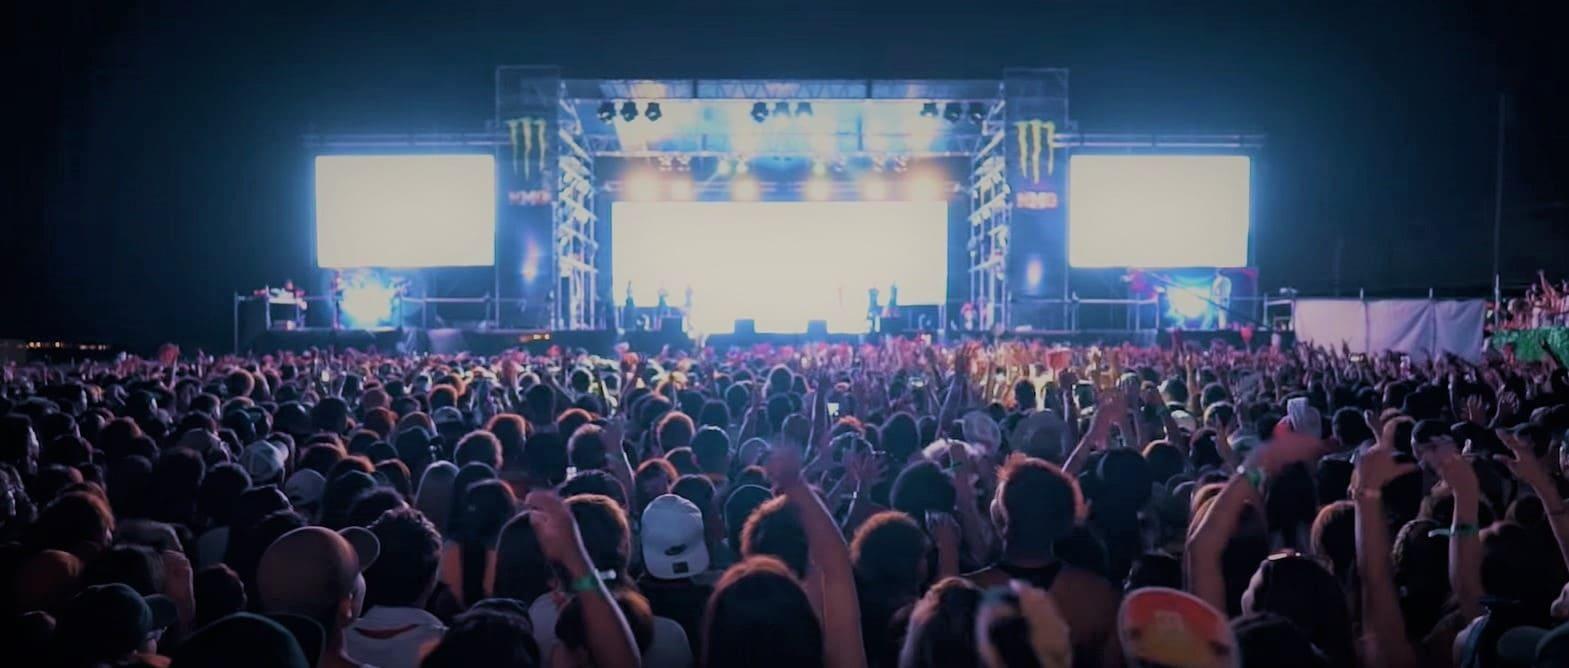 Le festival hip-hop NAMIMONOGATARI d'août 2021 crée la polémique